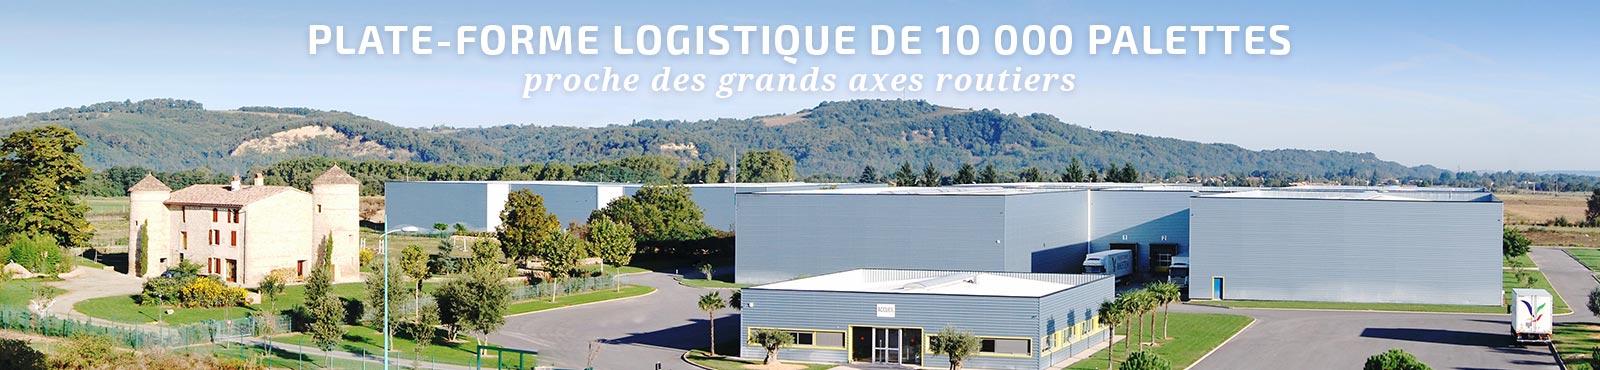 Plate-forme logistique de 10 000 palettes proche des grands axes routiers